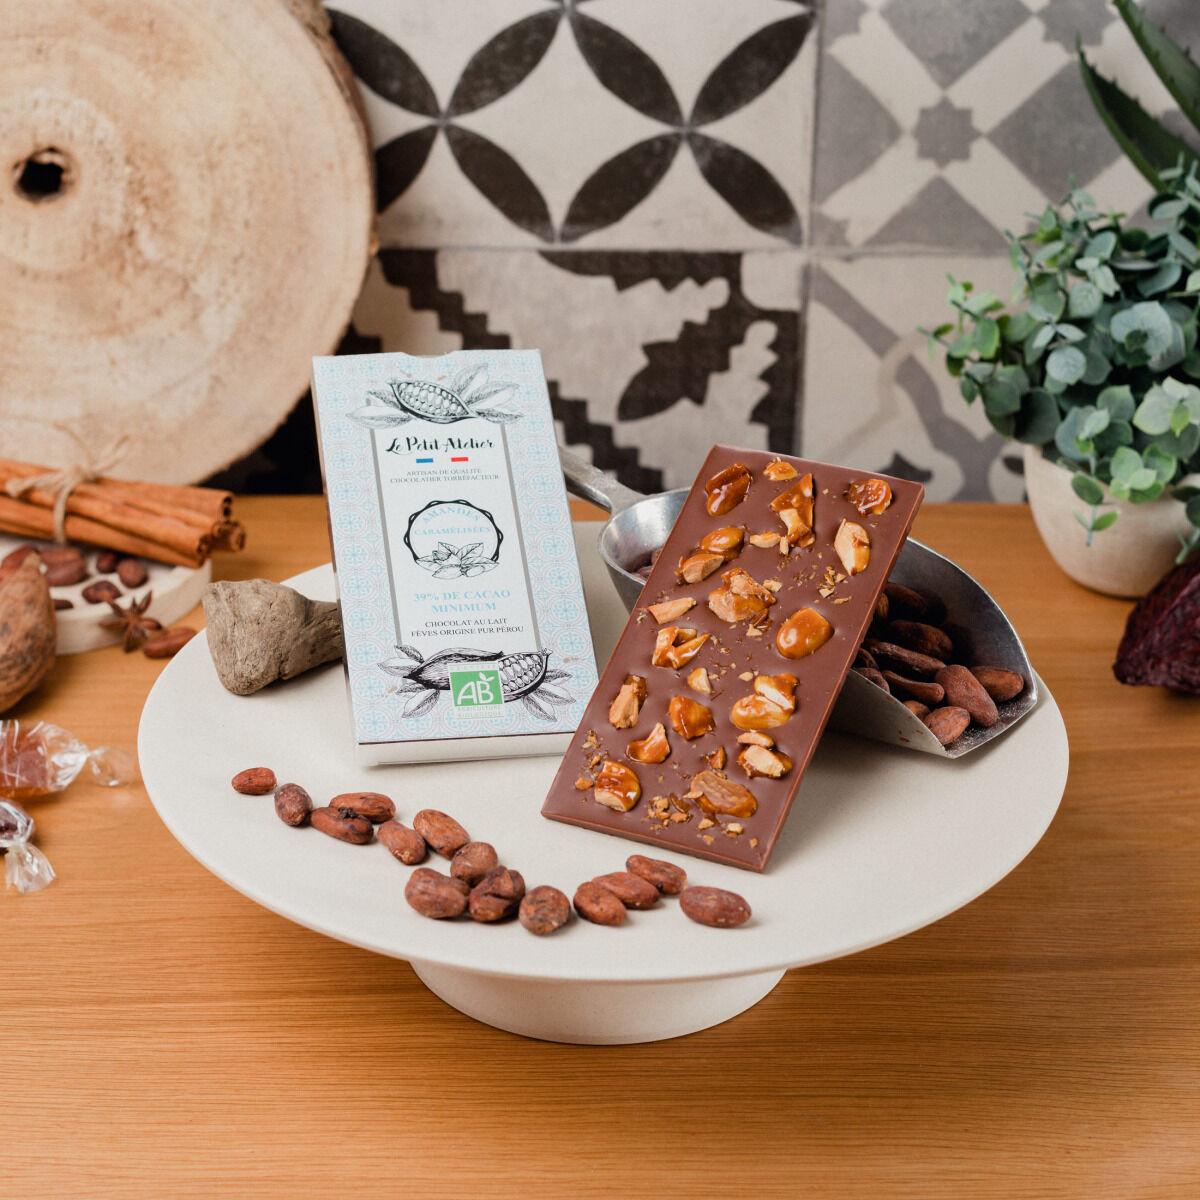 Le Petit Atelier Tablette De Chocolat Au Lait Bio Aux Amandes Caramélisées